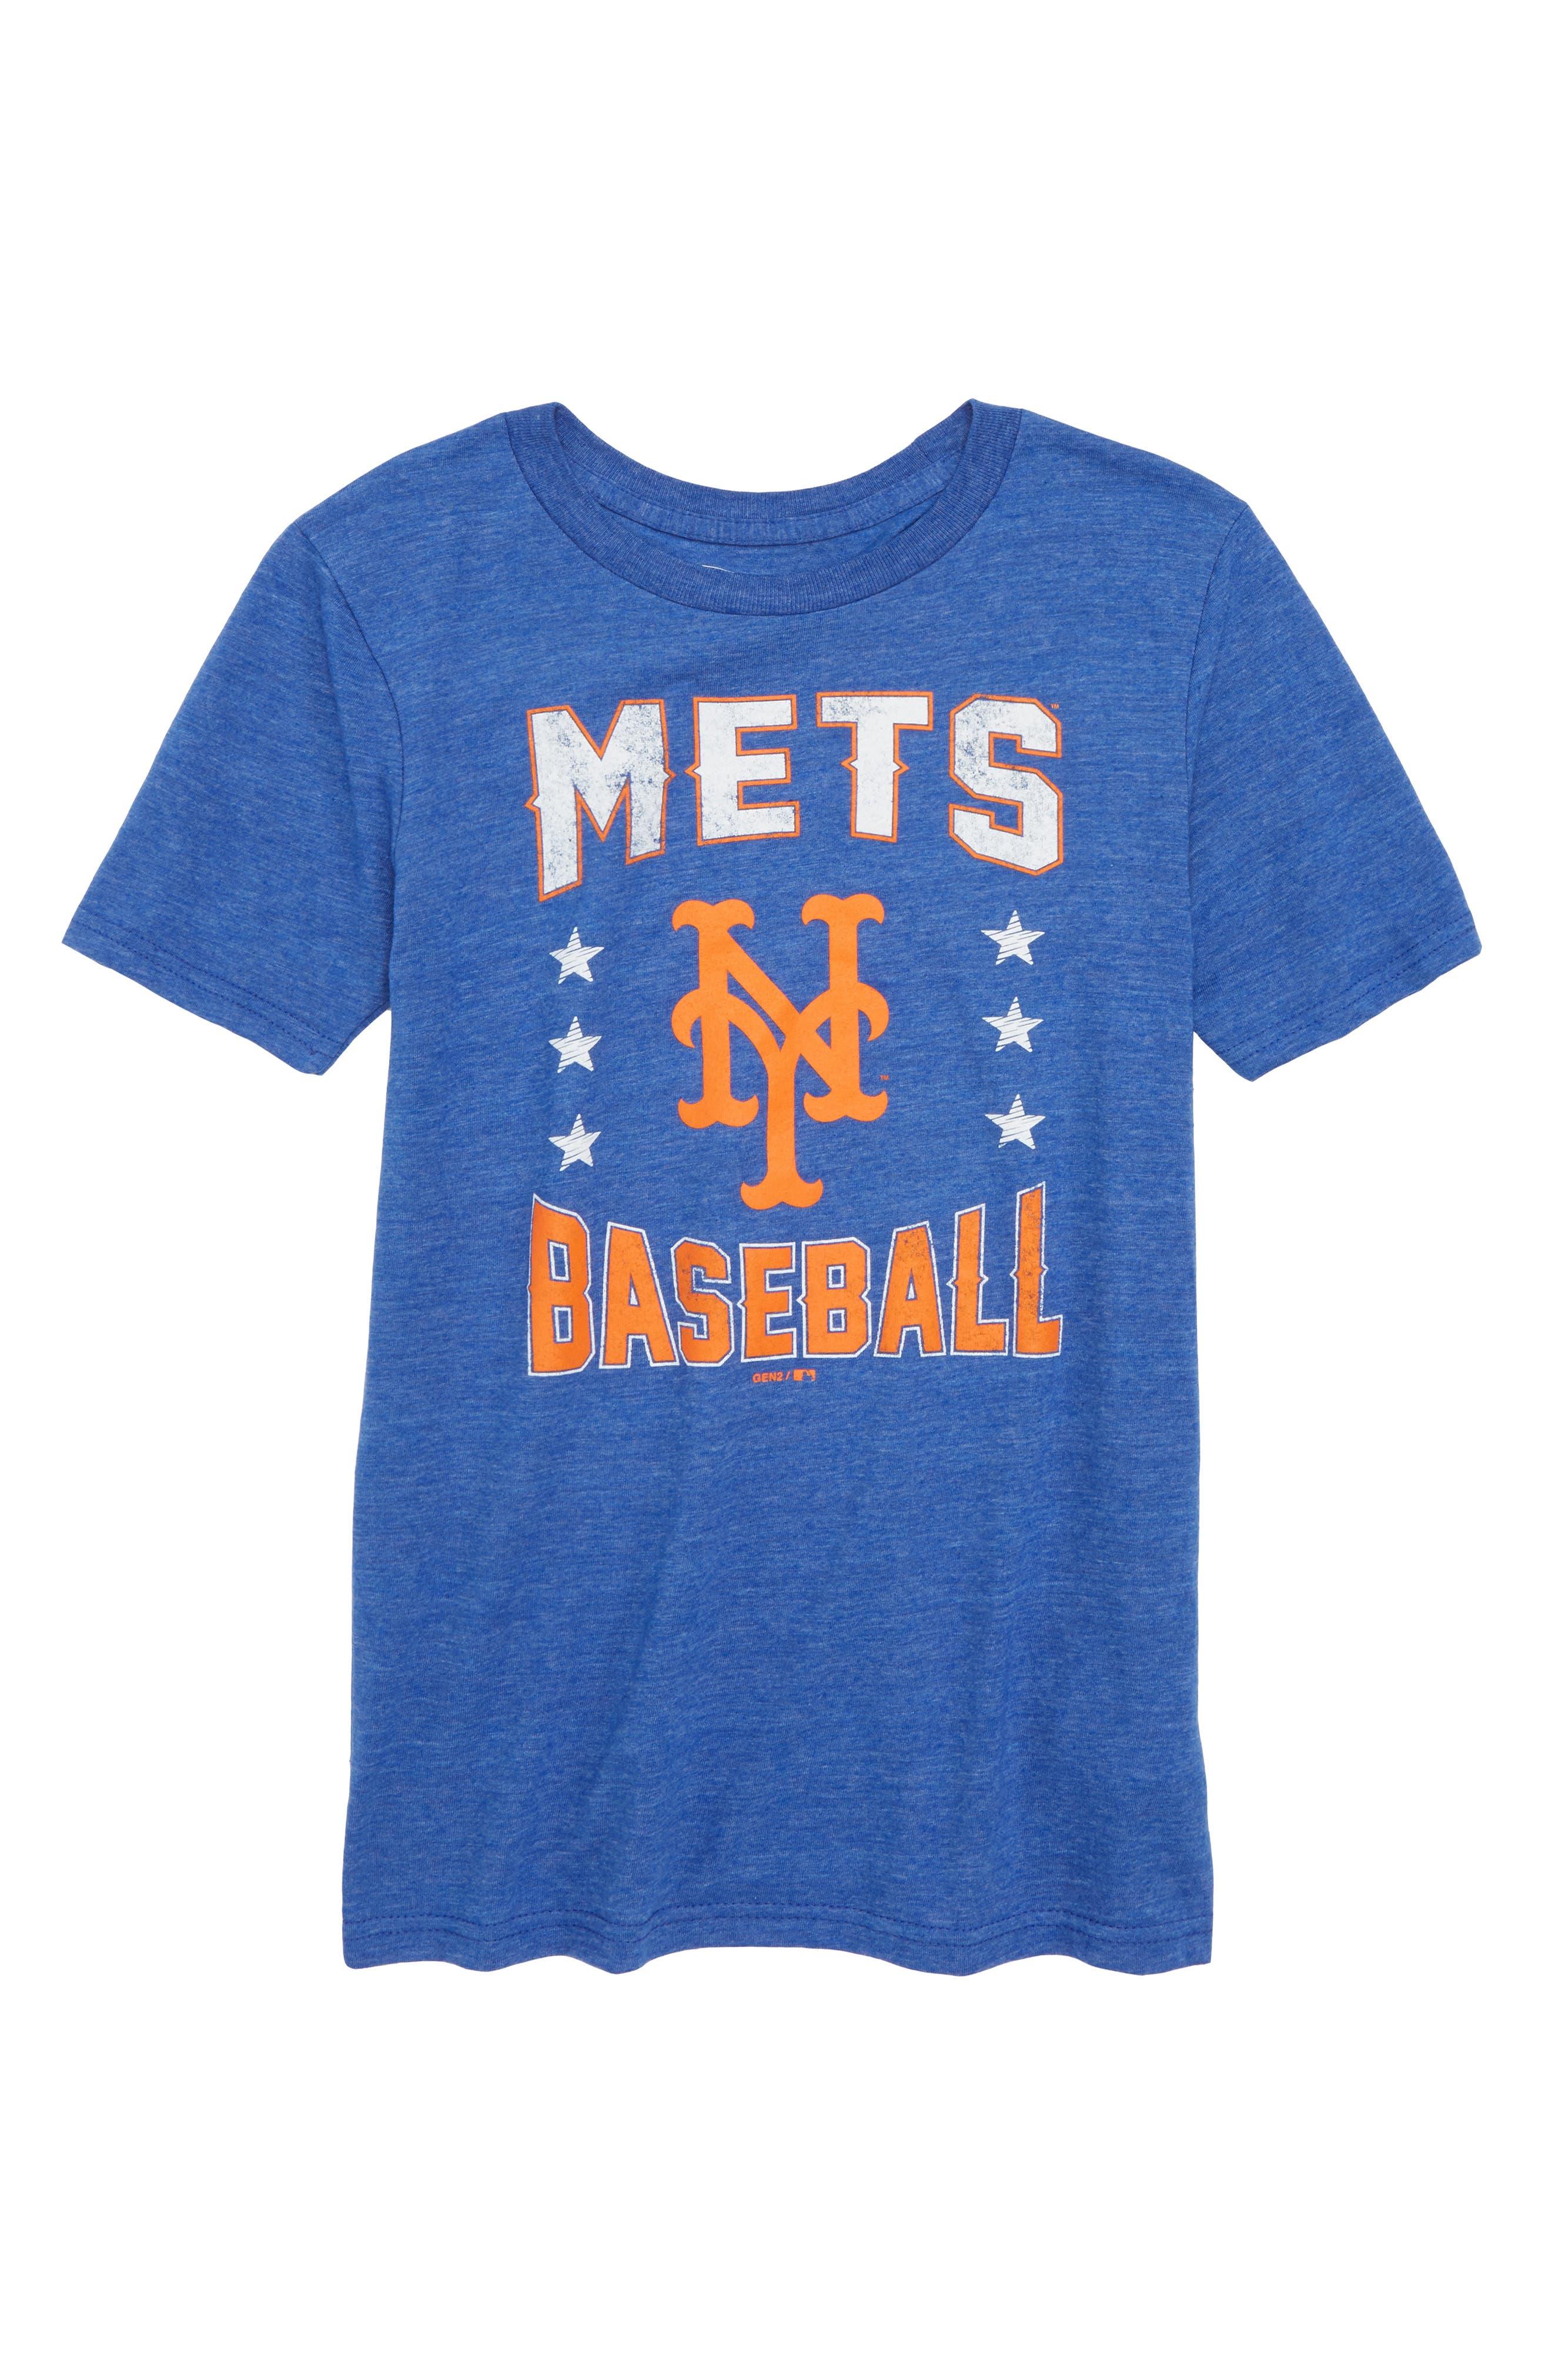 New York Mets Triple Play T-Shirt,                             Main thumbnail 1, color,                             Royal